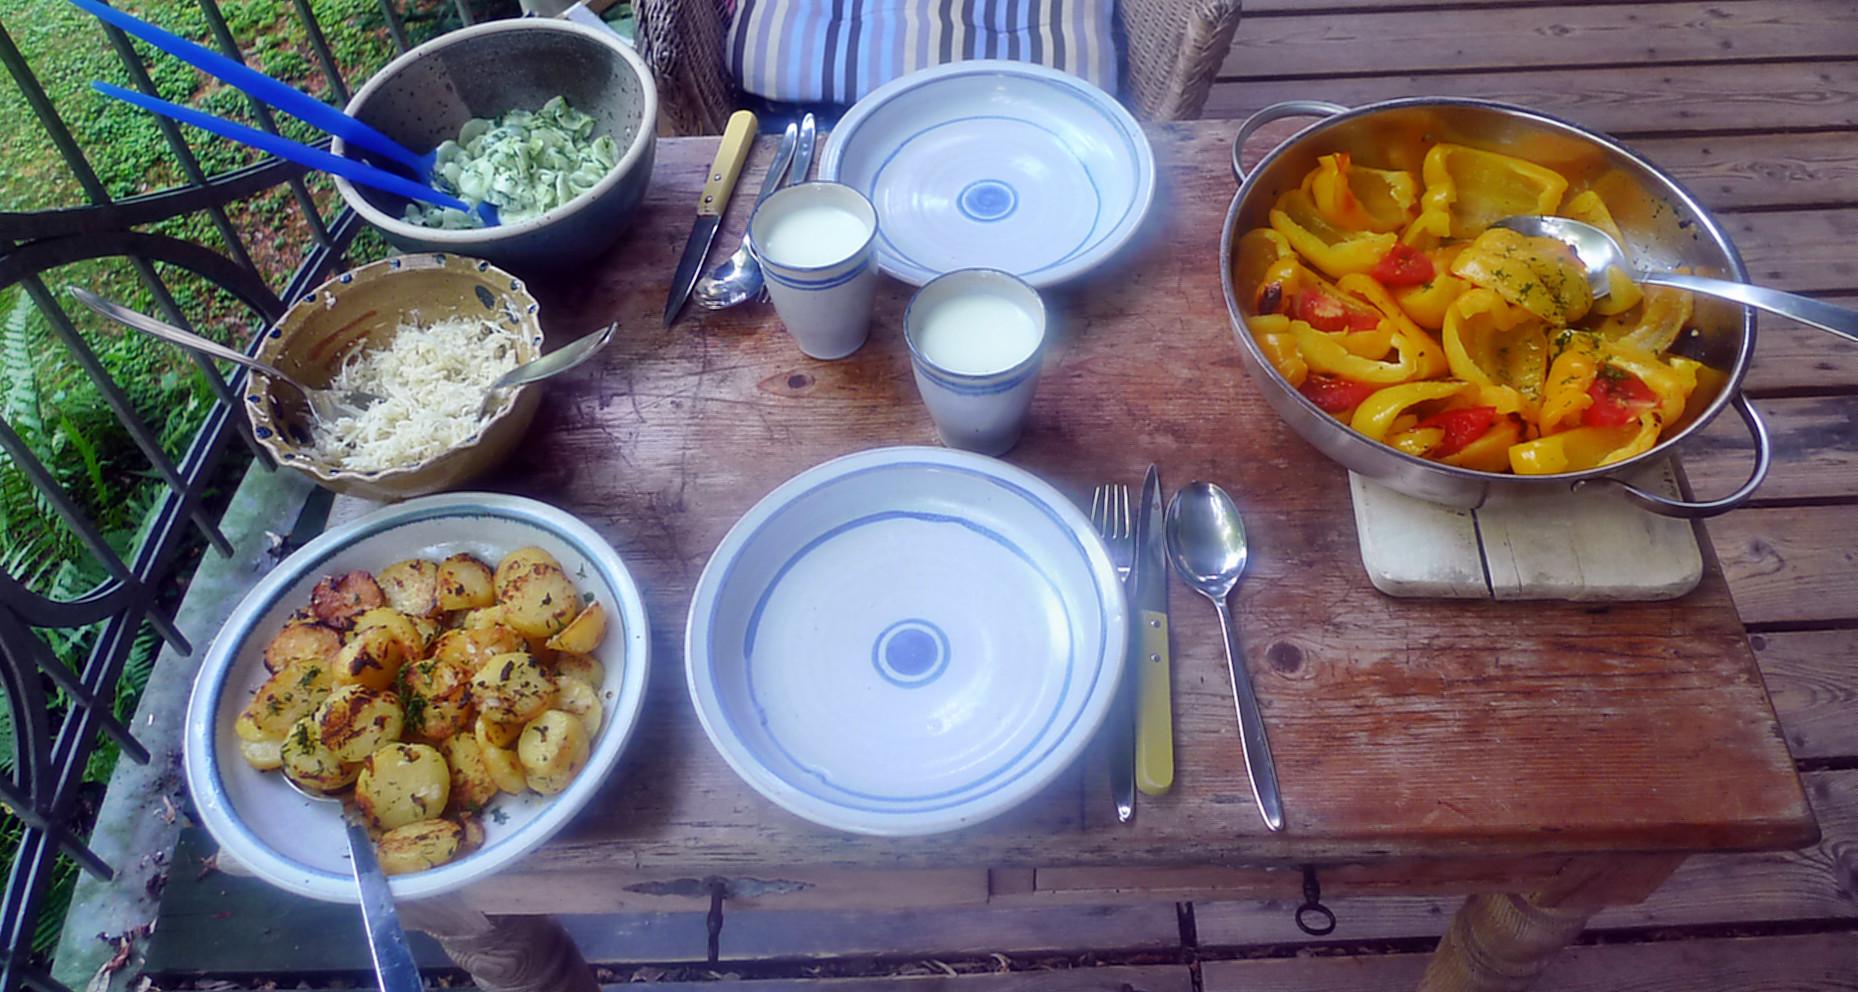 Paprika-Rettichsalat-Gurkensalat-Bratkartoffel-1.8.14   (2)